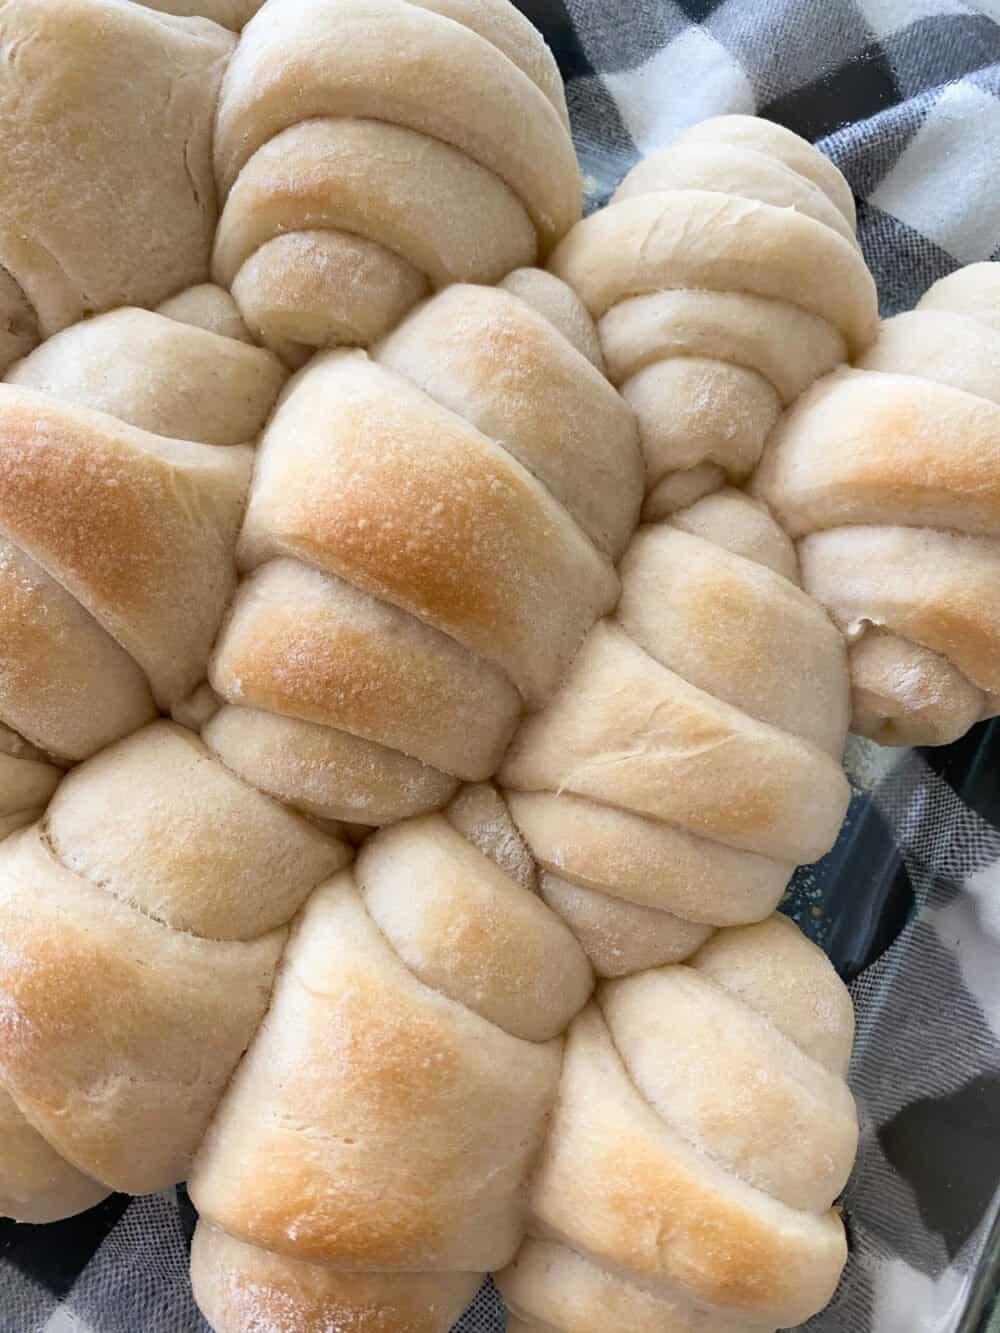 baked dinner rolls